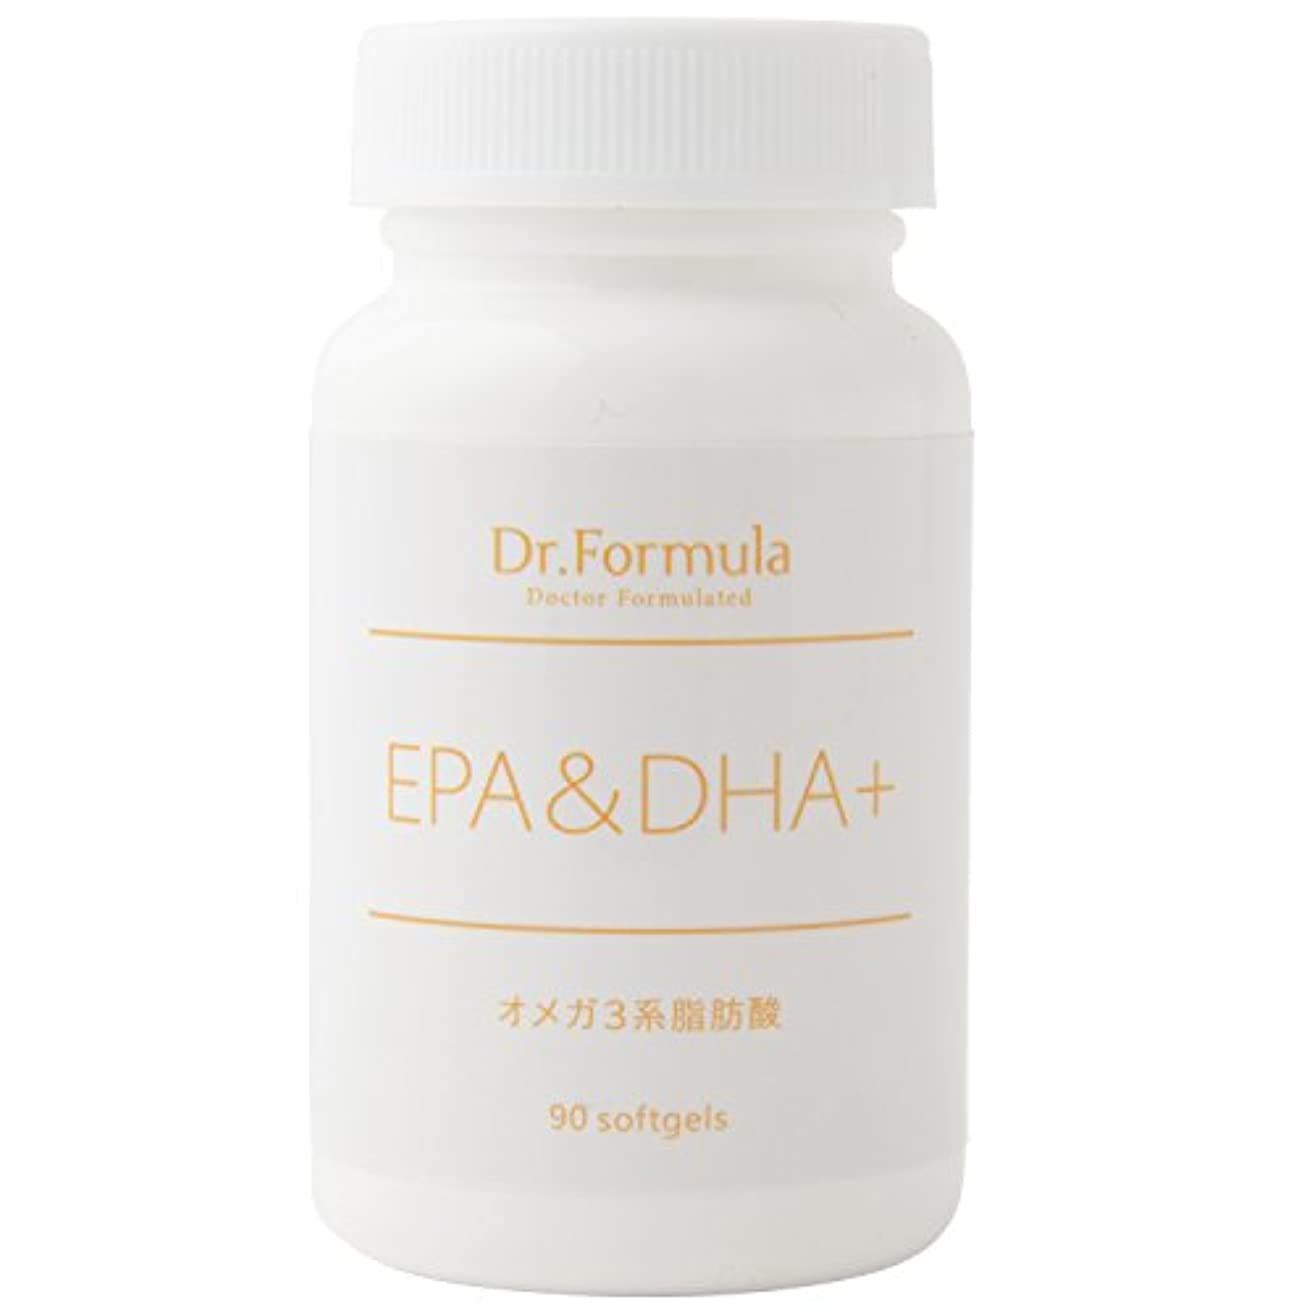 安西抜本的な流すDr.Formula EPA&DHA+(オメガ 3系脂肪酸) 30日分 90粒 日本製 OMEGA3